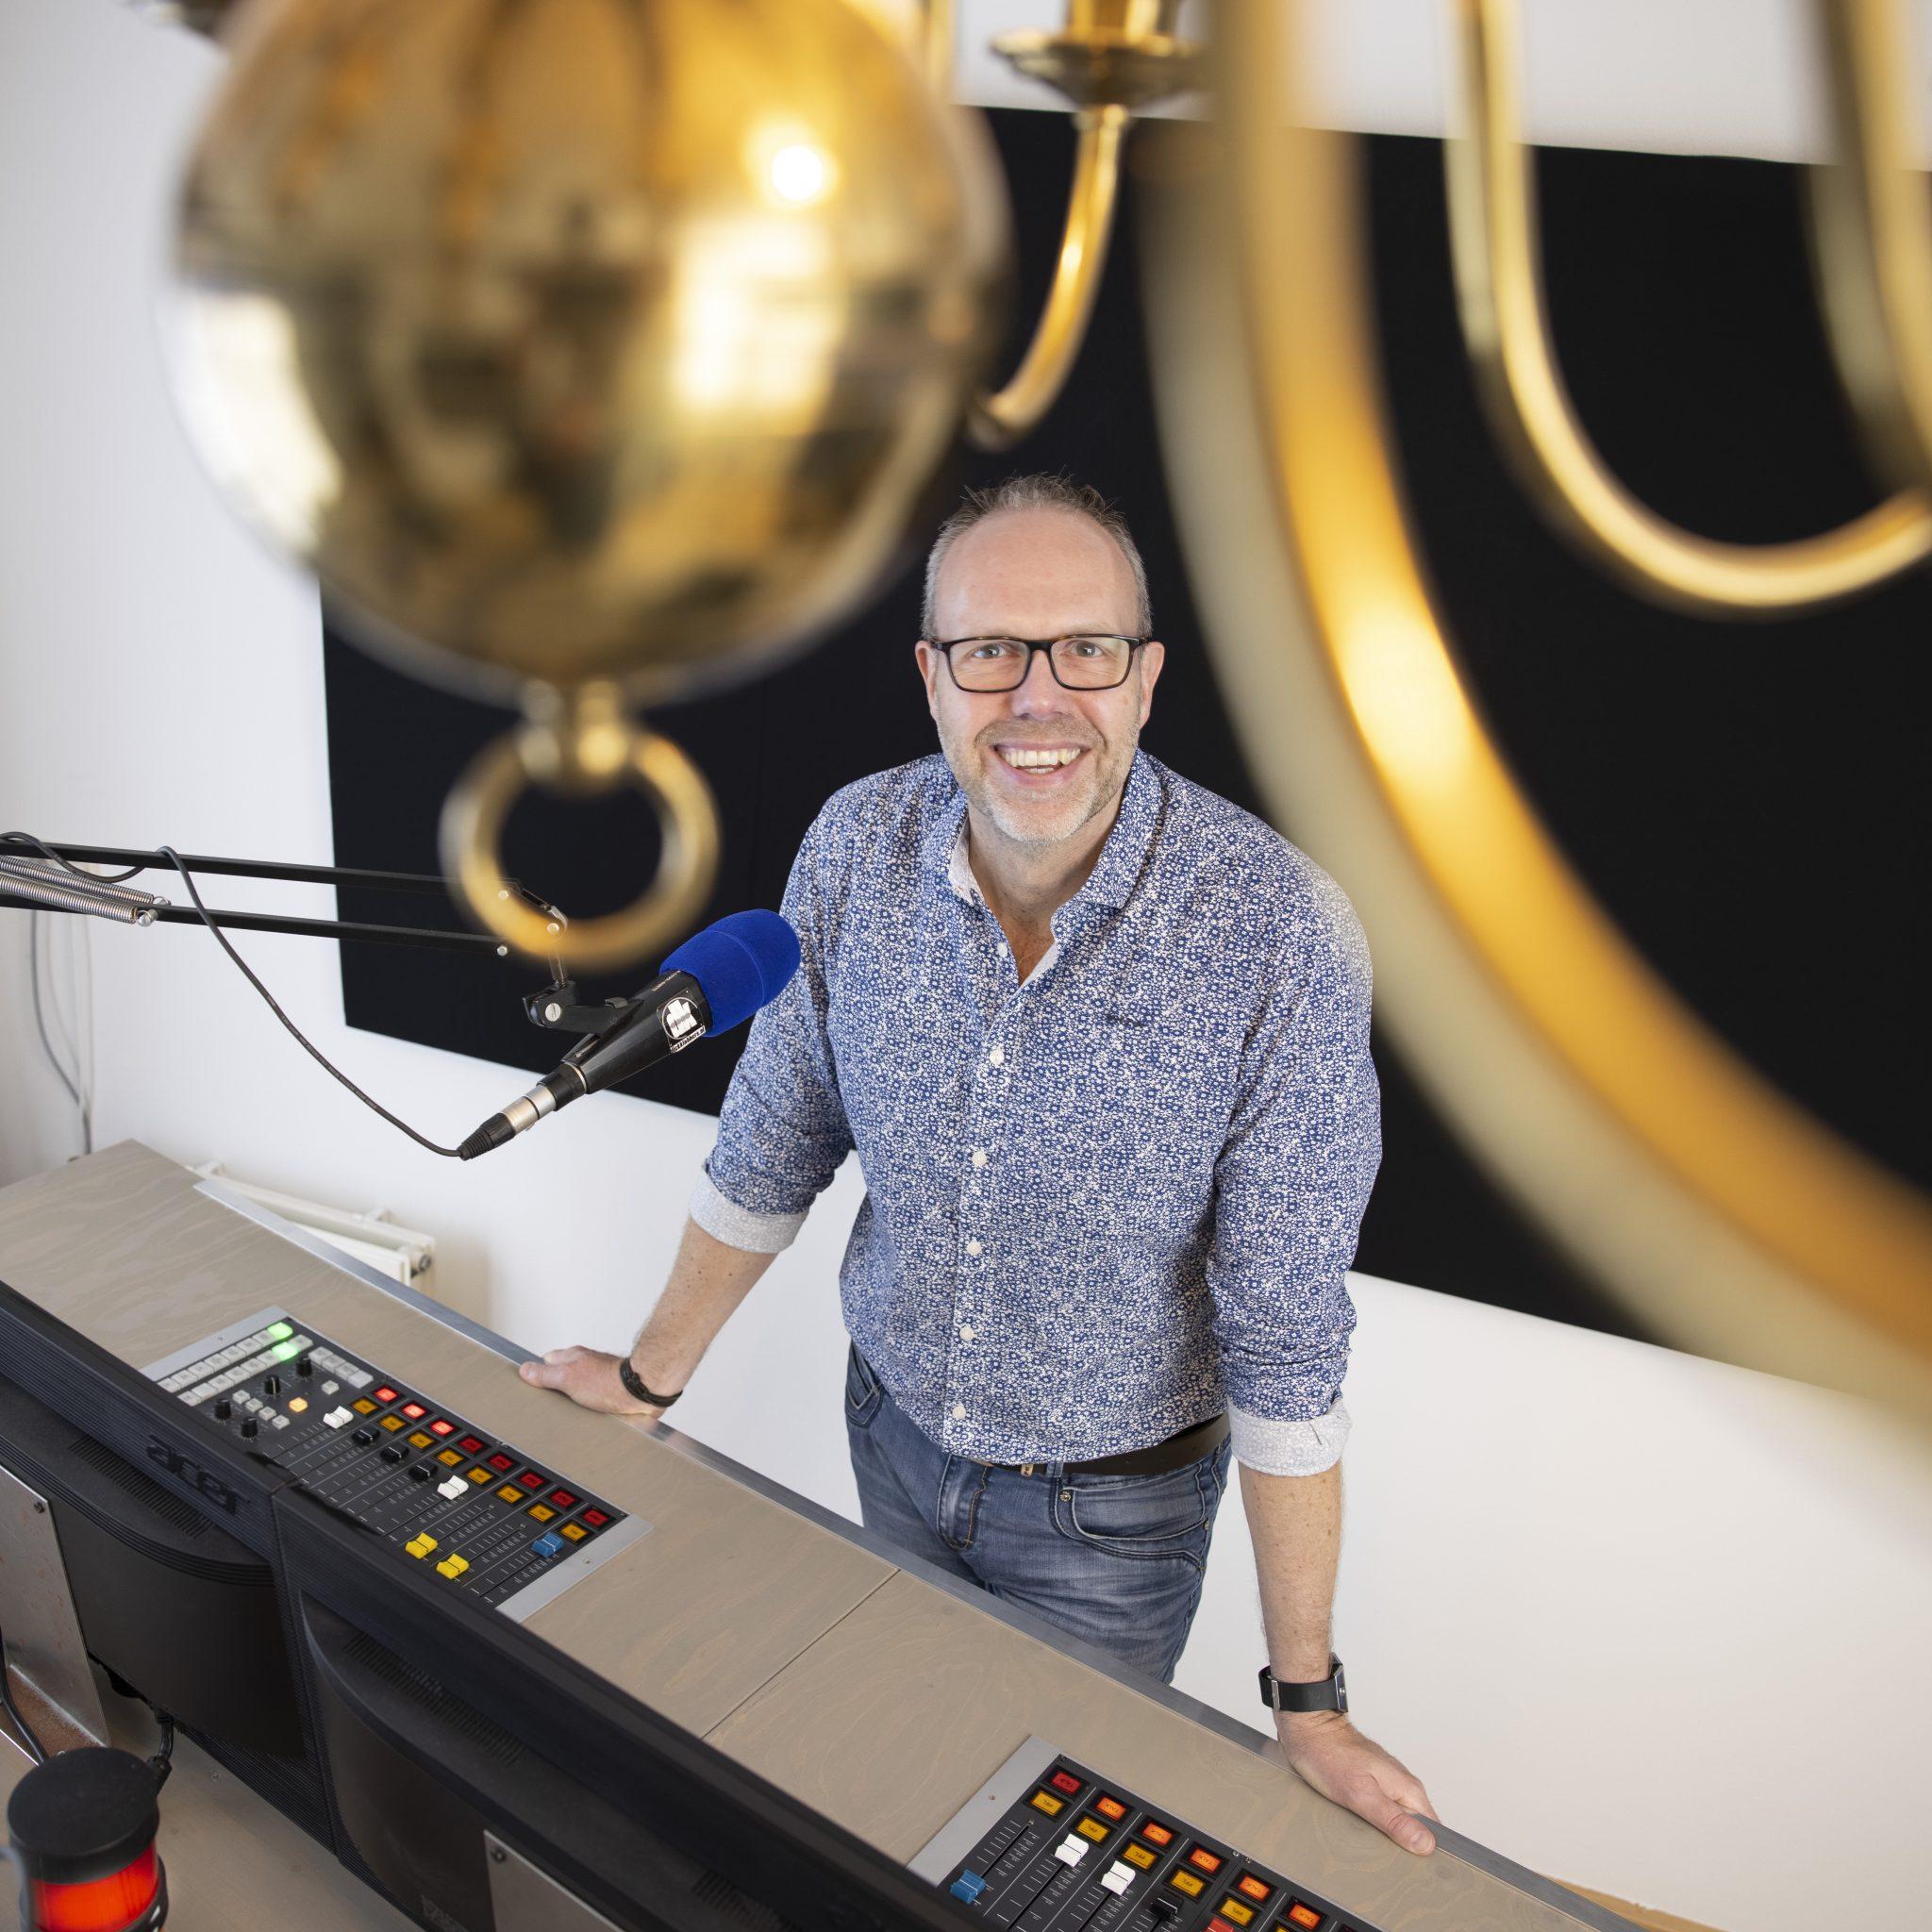 DKstudio Podcasts - Dick Klabbers